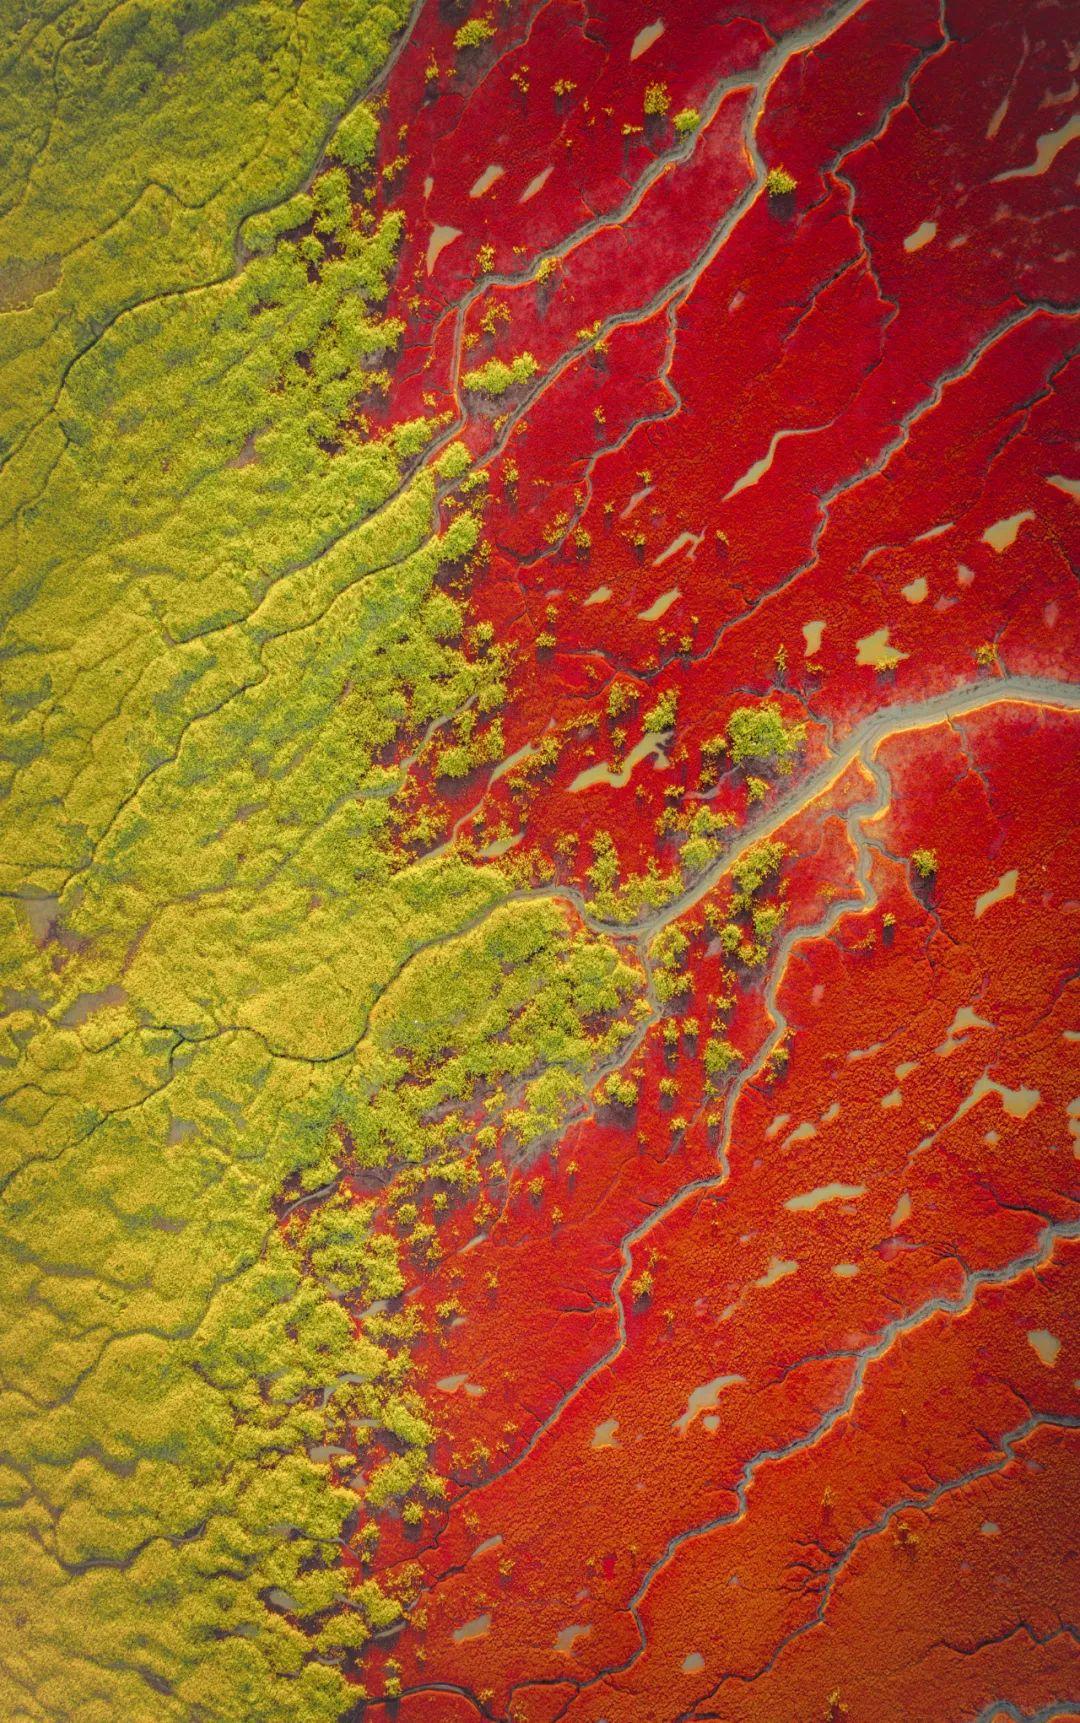 ▲ 盘锦红海滩,如同大地铺上的红毯。摄影/王禹